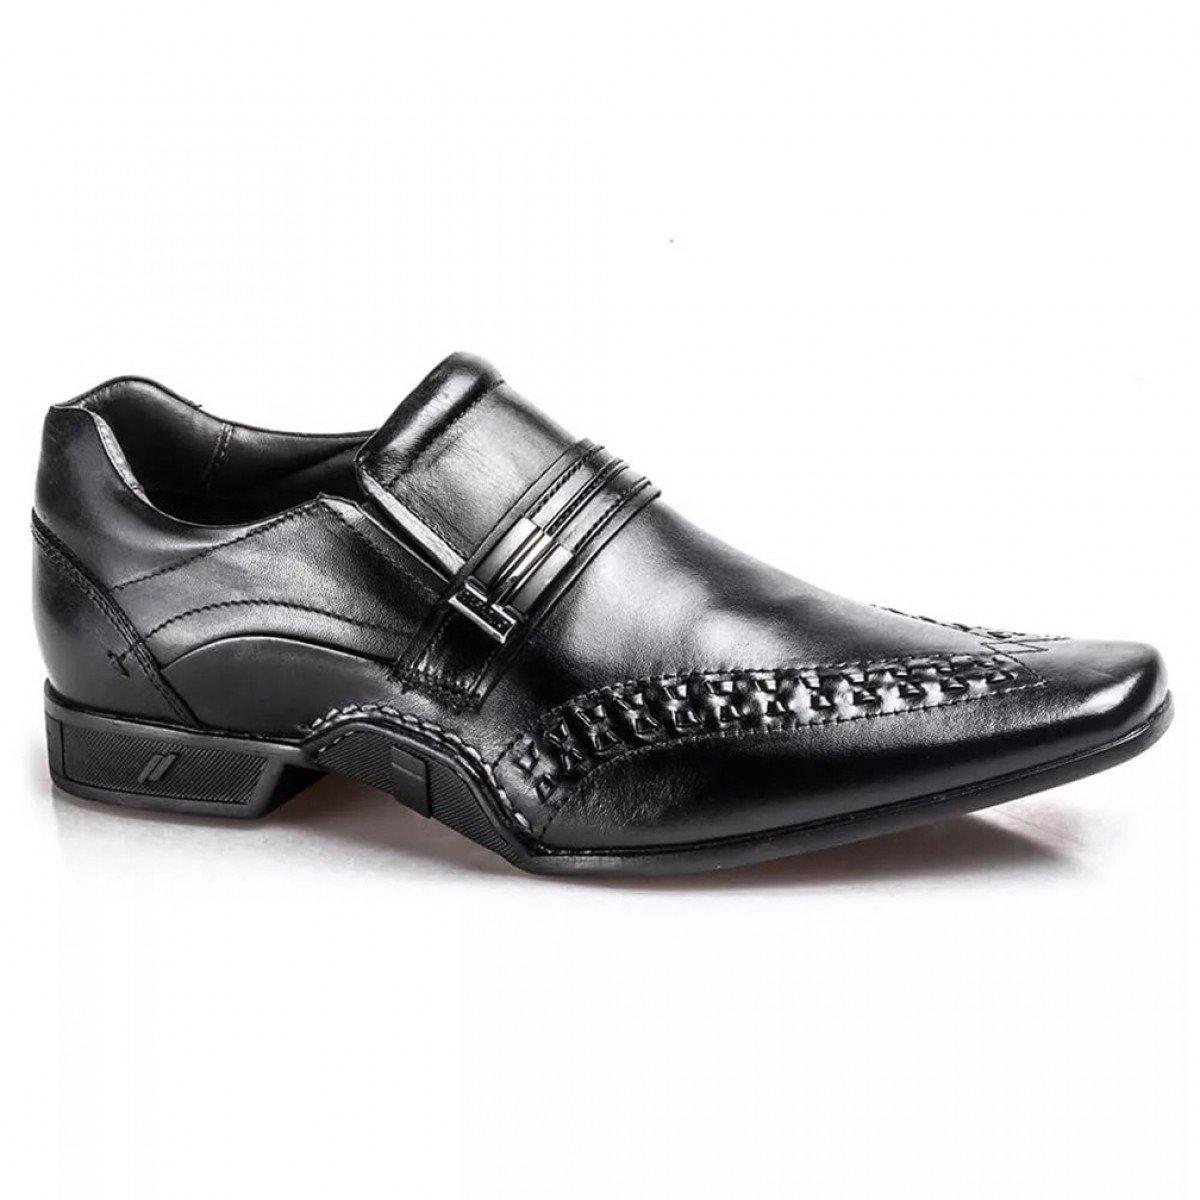 4f4acf0bae Sapato Social Rafarillo Couro New Vegas - Preto - Compre Agora ...